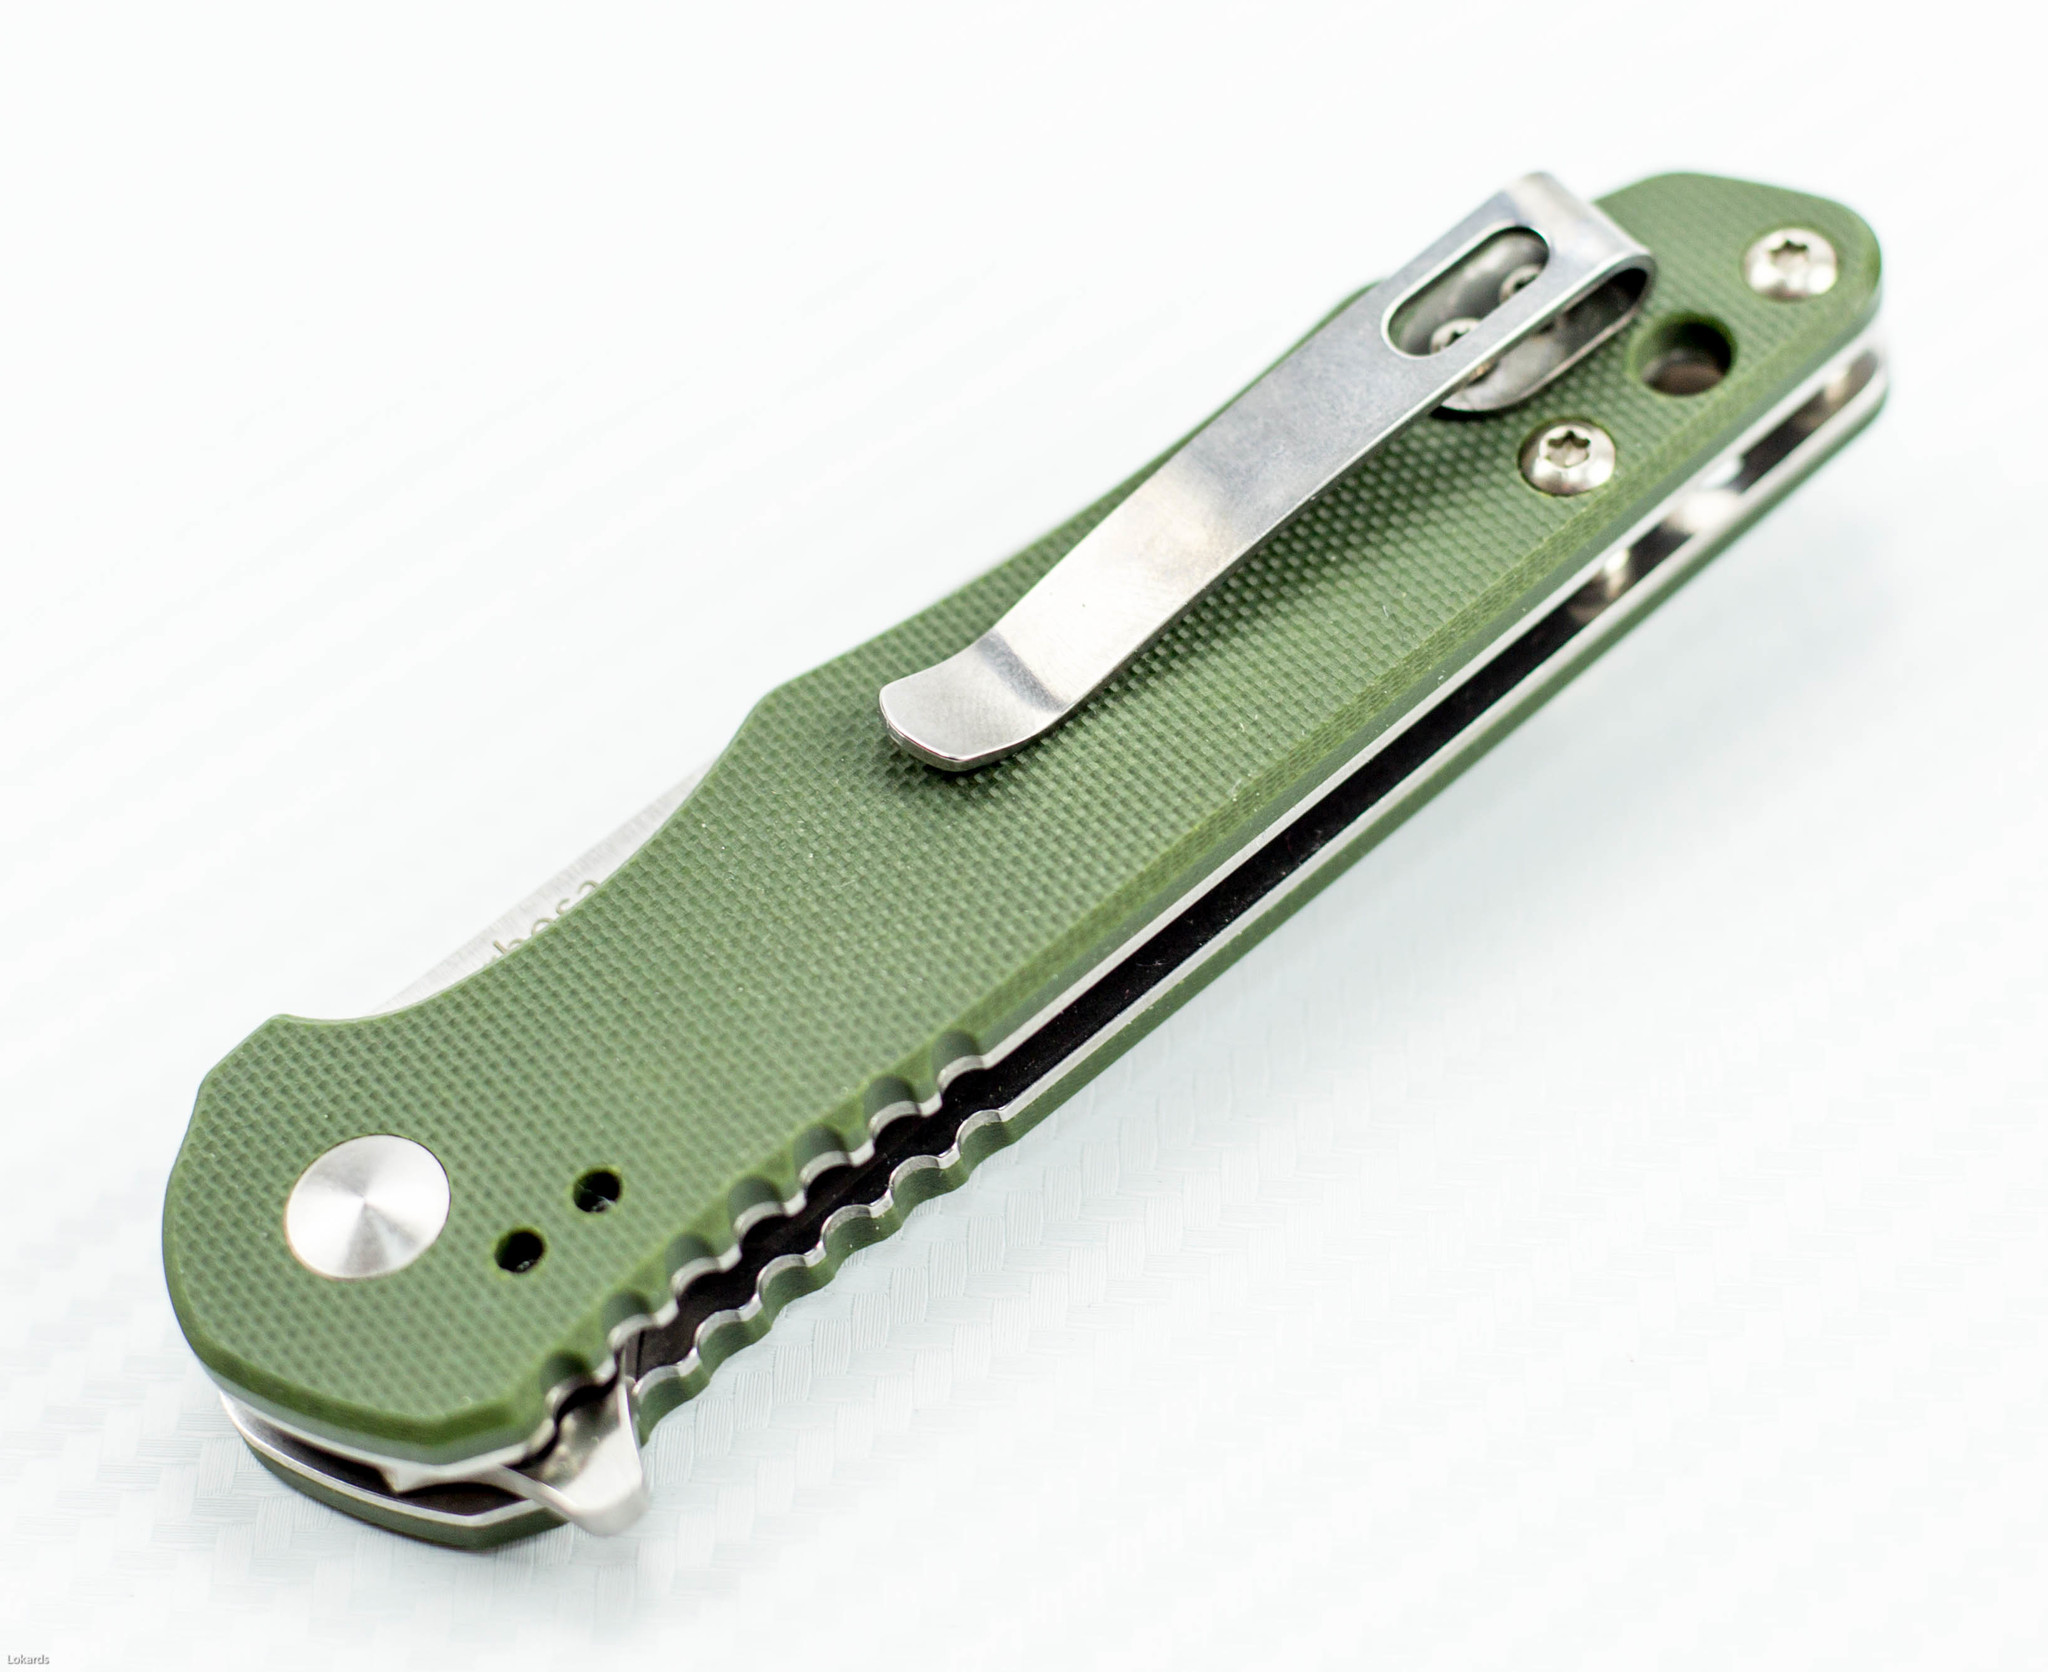 Фото 9 - Складной нож Kizer Cutlery Vanguard Mikkel Willumsen Barbosa-2